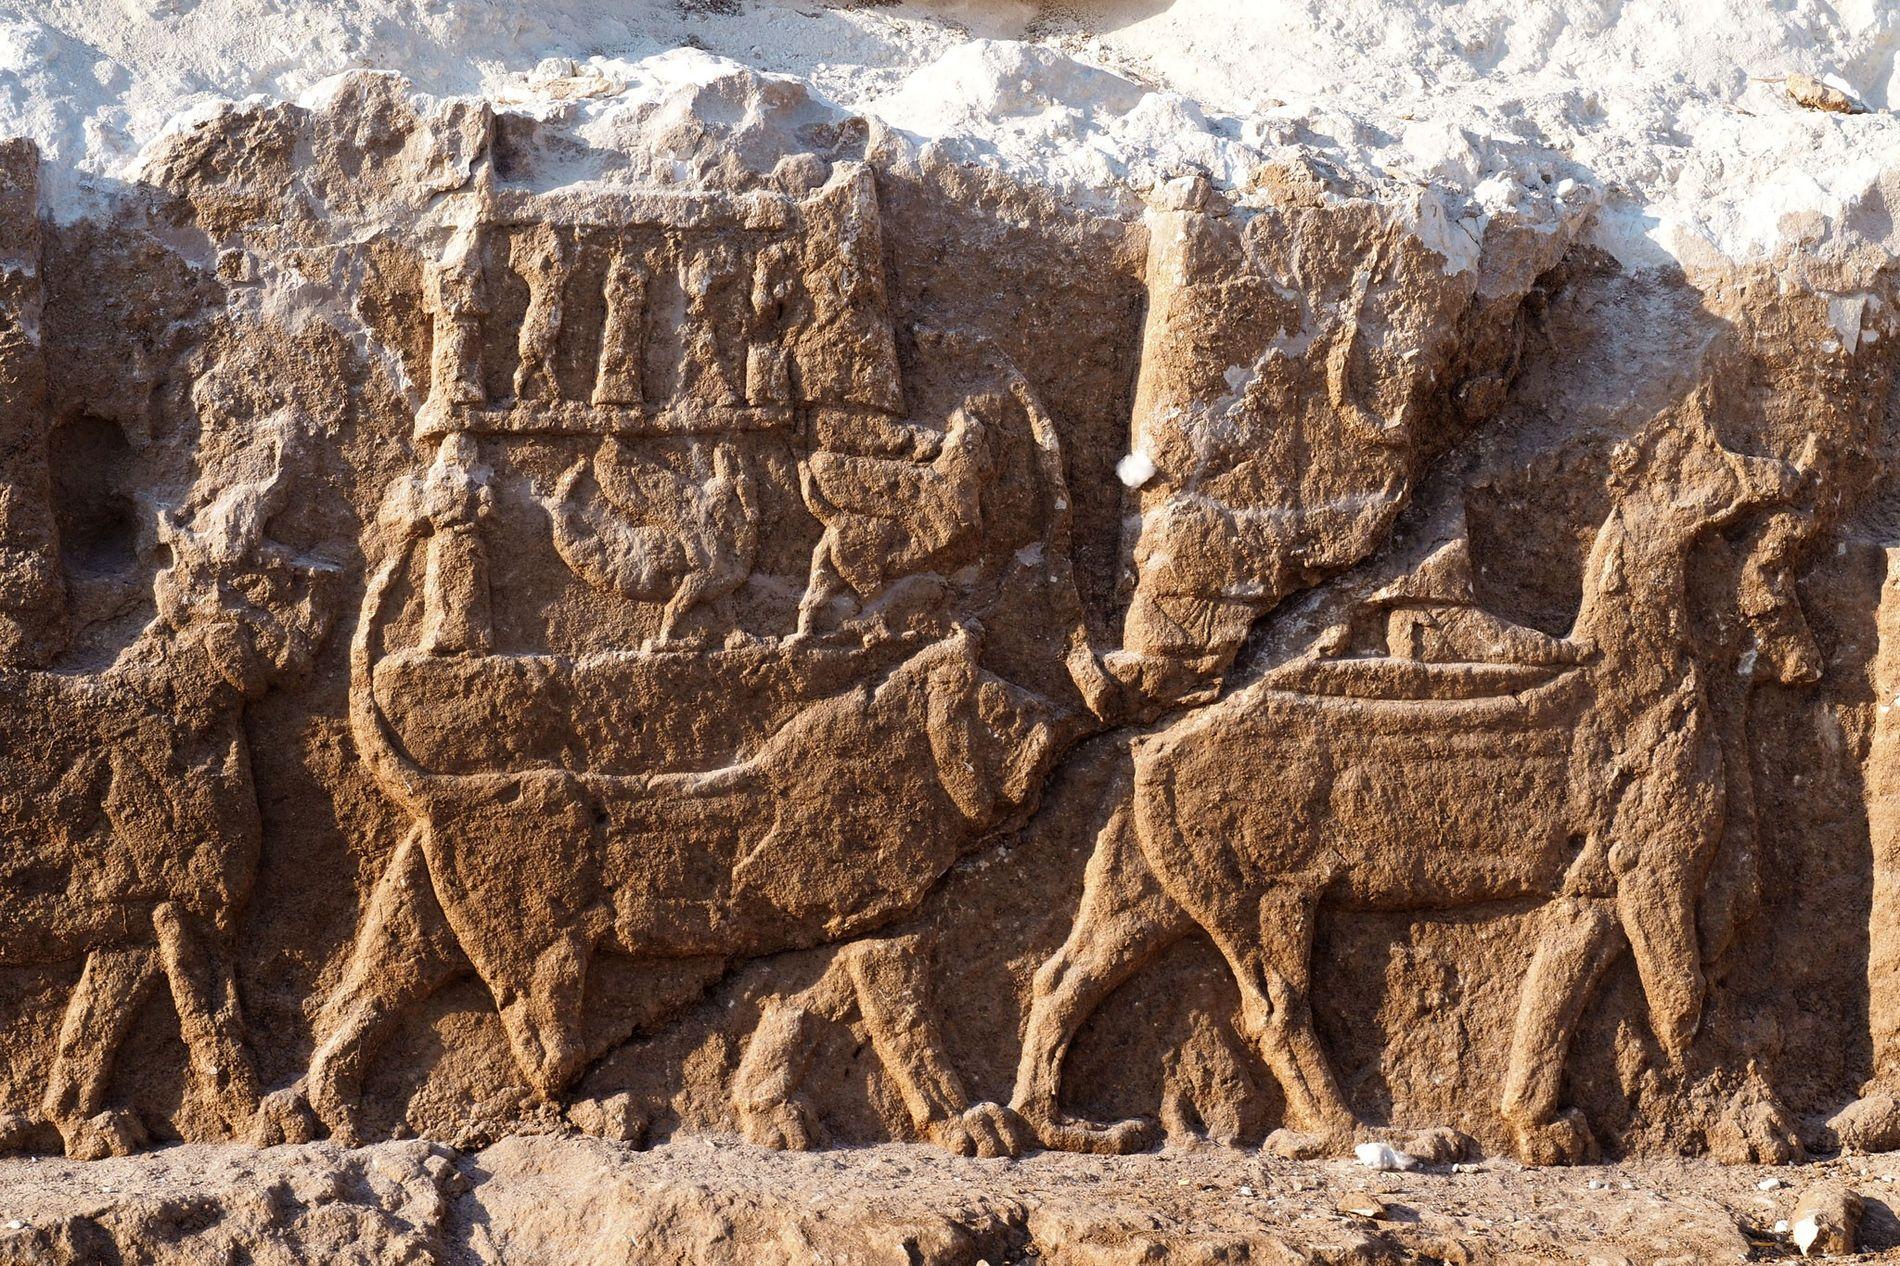 Découverte de reliefs assyriens extrêmement rares en Irak (vidéo) By Jack35 Assyrian-archaeology-discovery-01